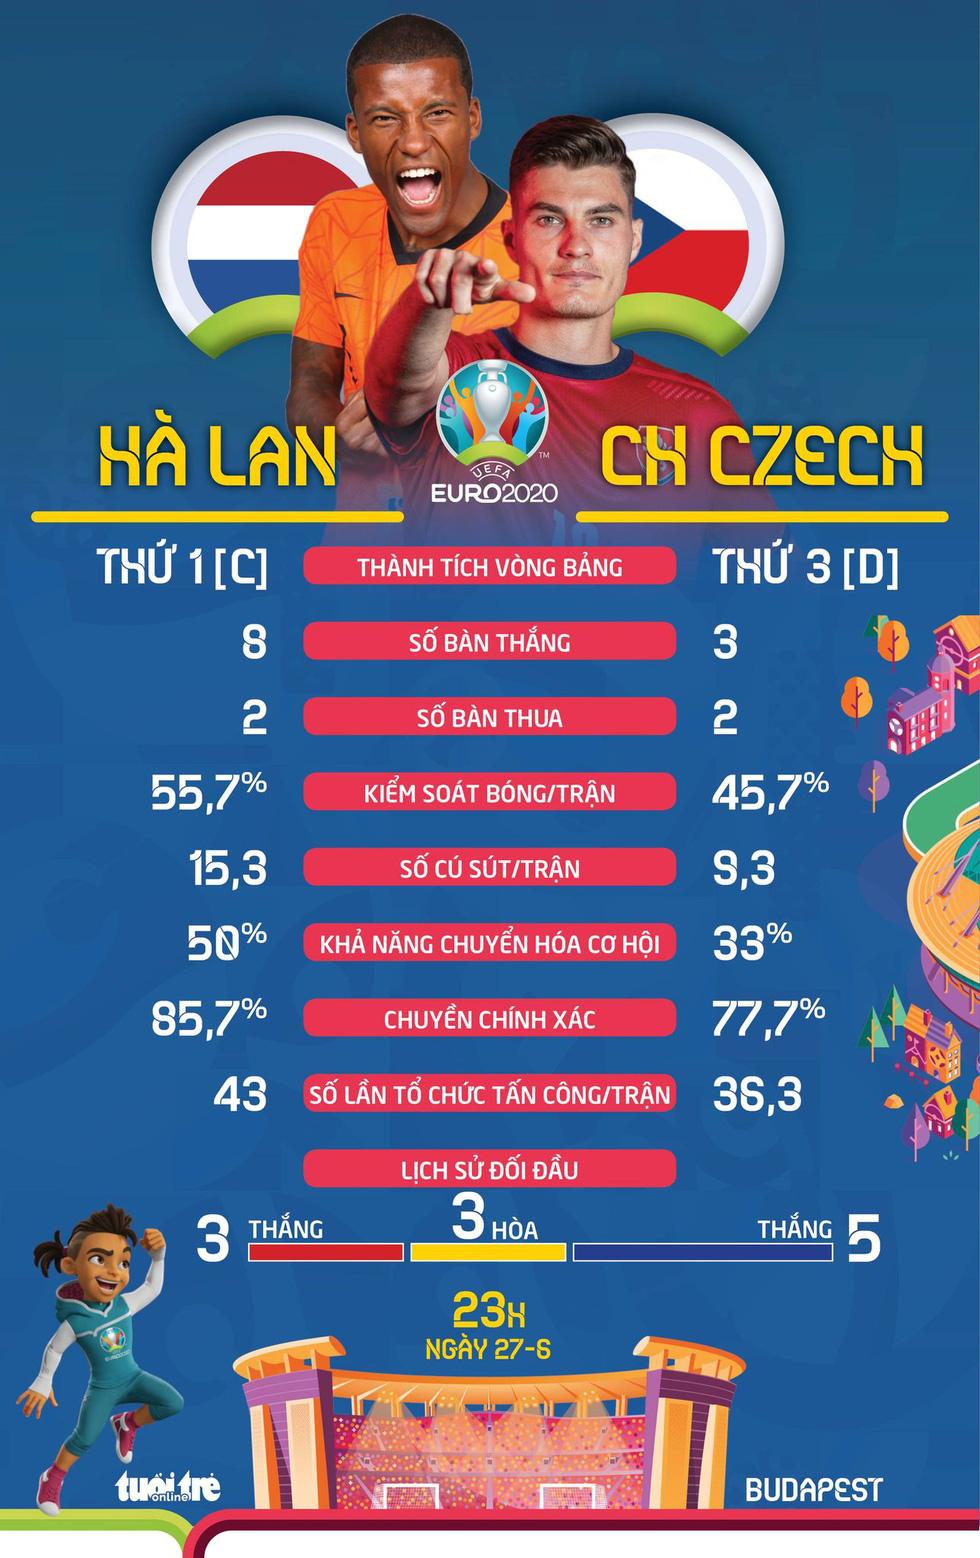 So sánh sức mạnh giữa Hà Lan và CH Czech ở vòng 16 đội Euro 2020 - Ảnh 1.